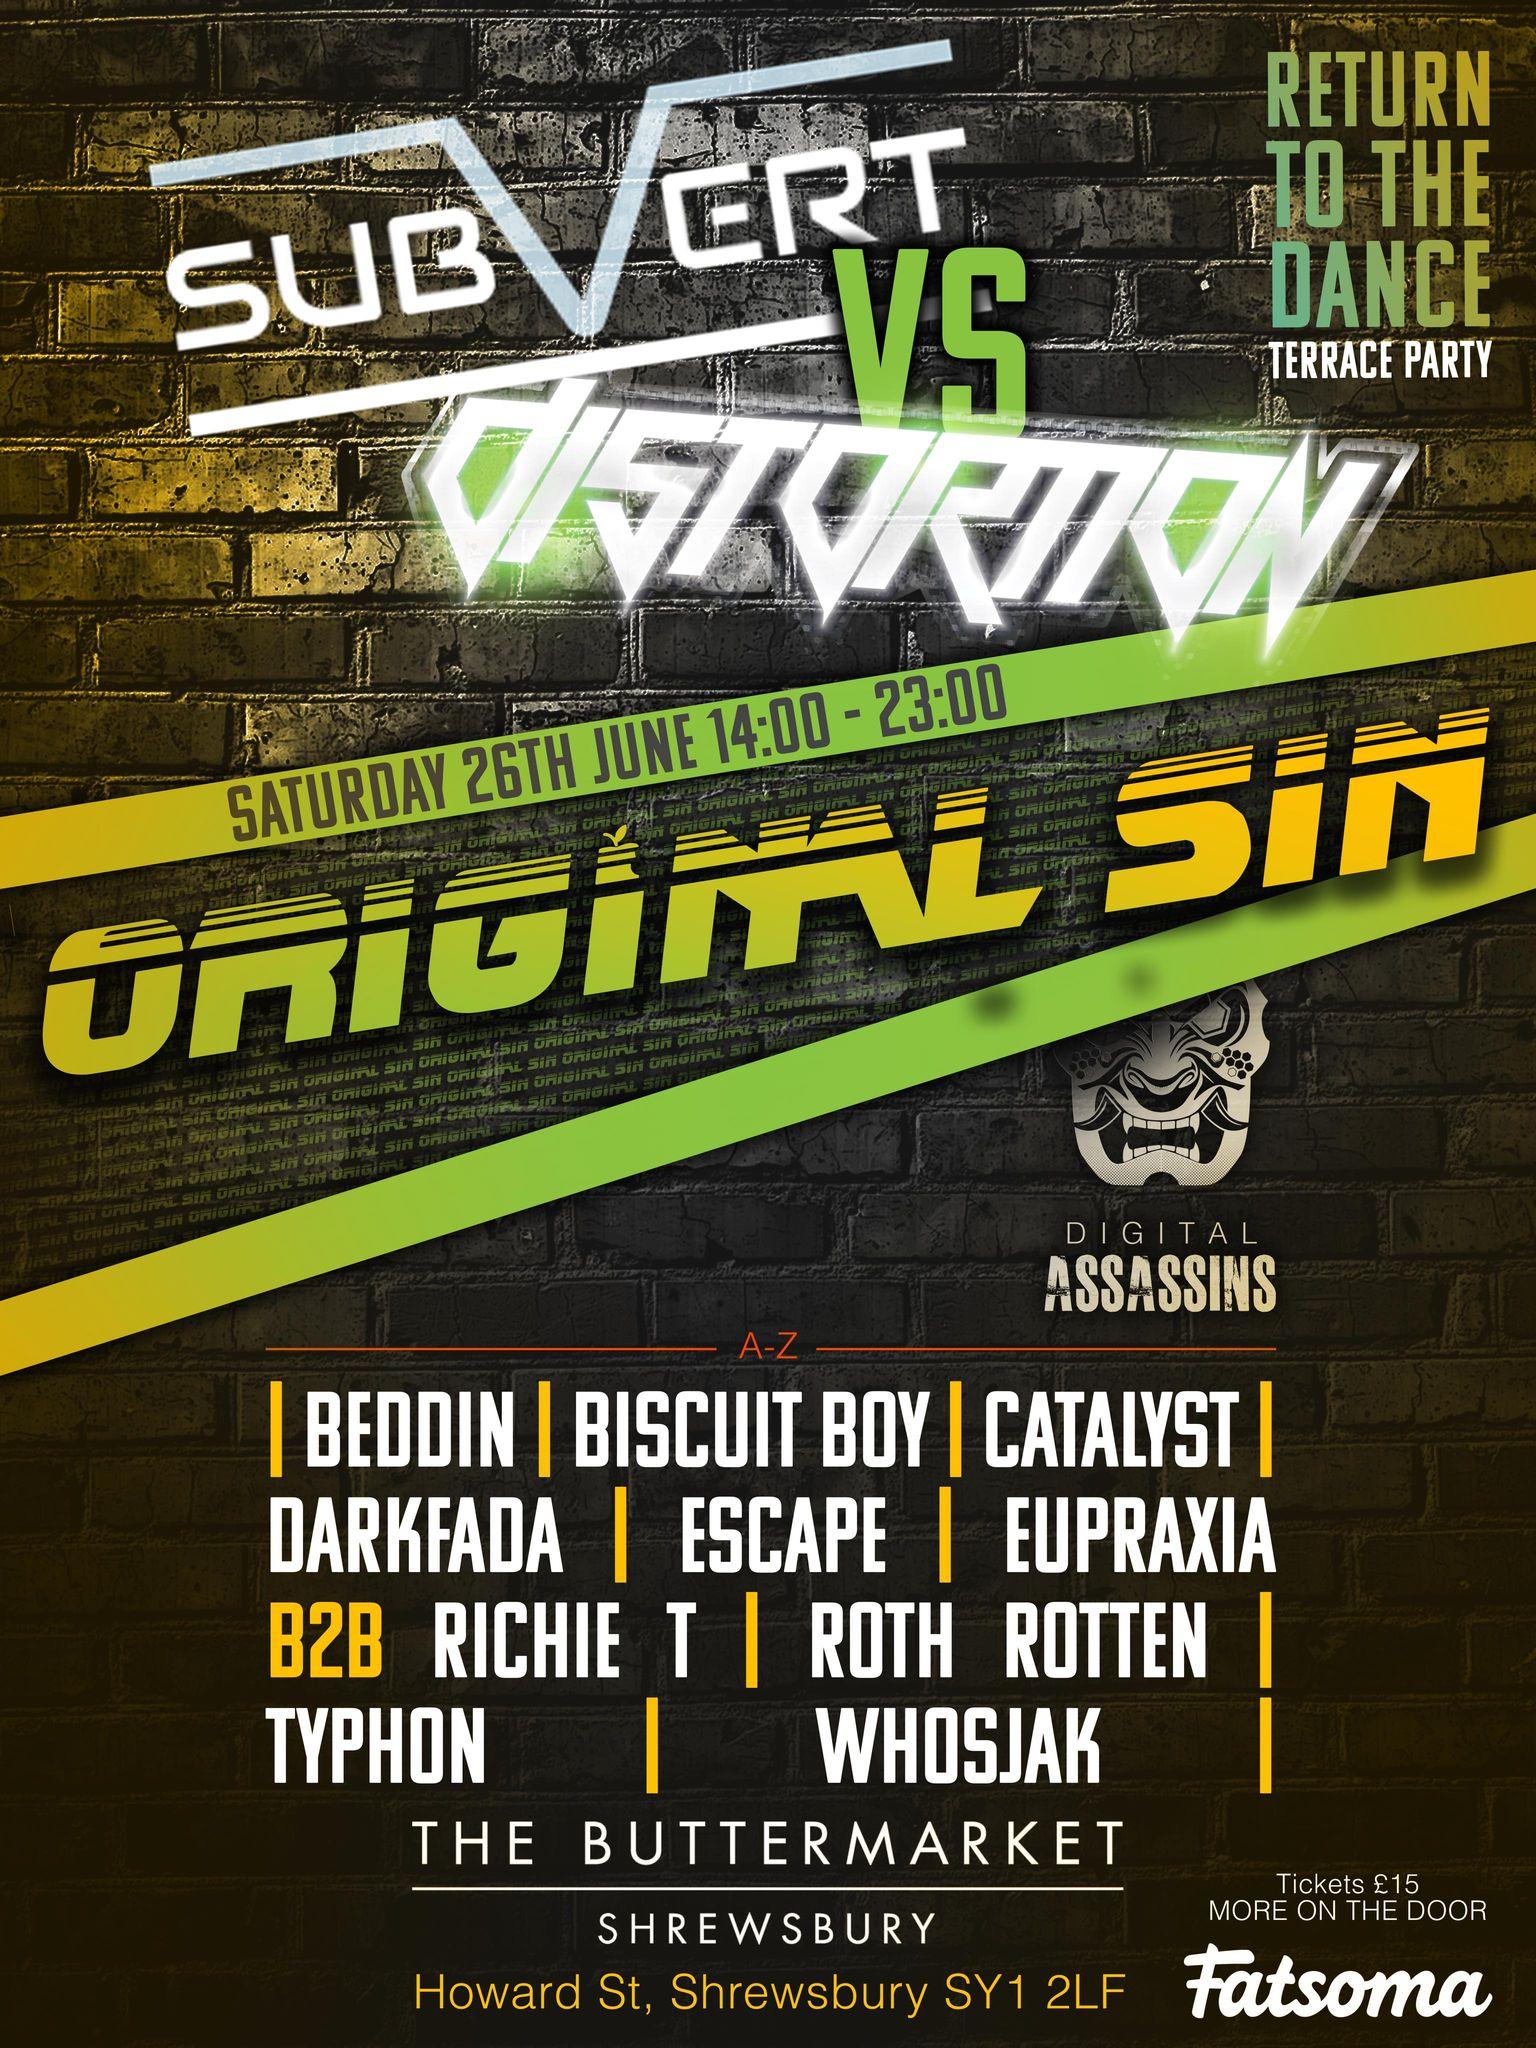 Subvert vs Distortion with Original Sin